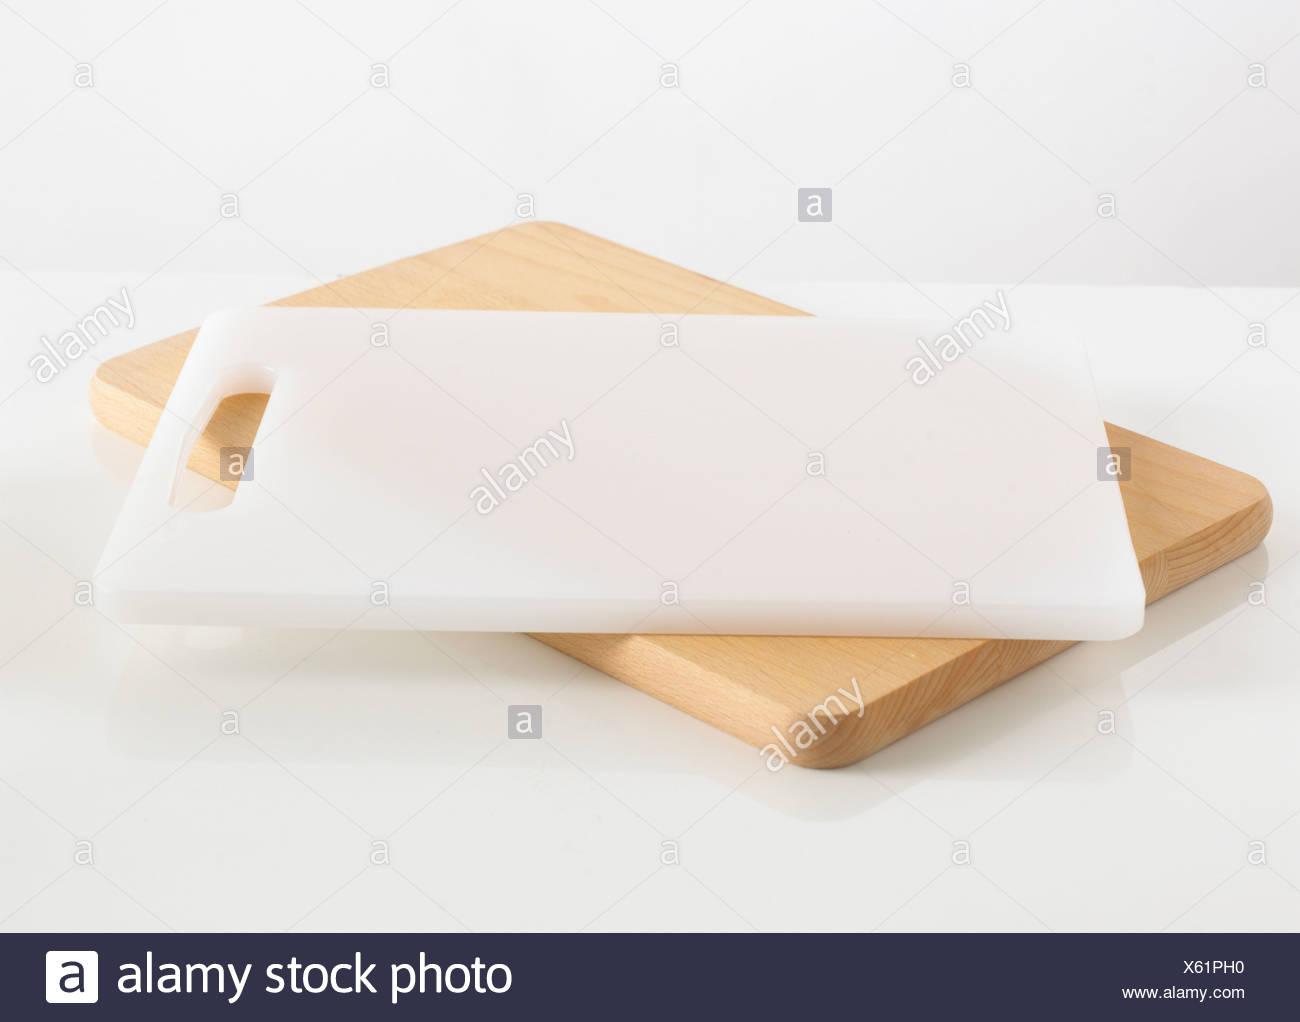 Planche à découper en bois et blanc contre un fond blanc Photo Stock